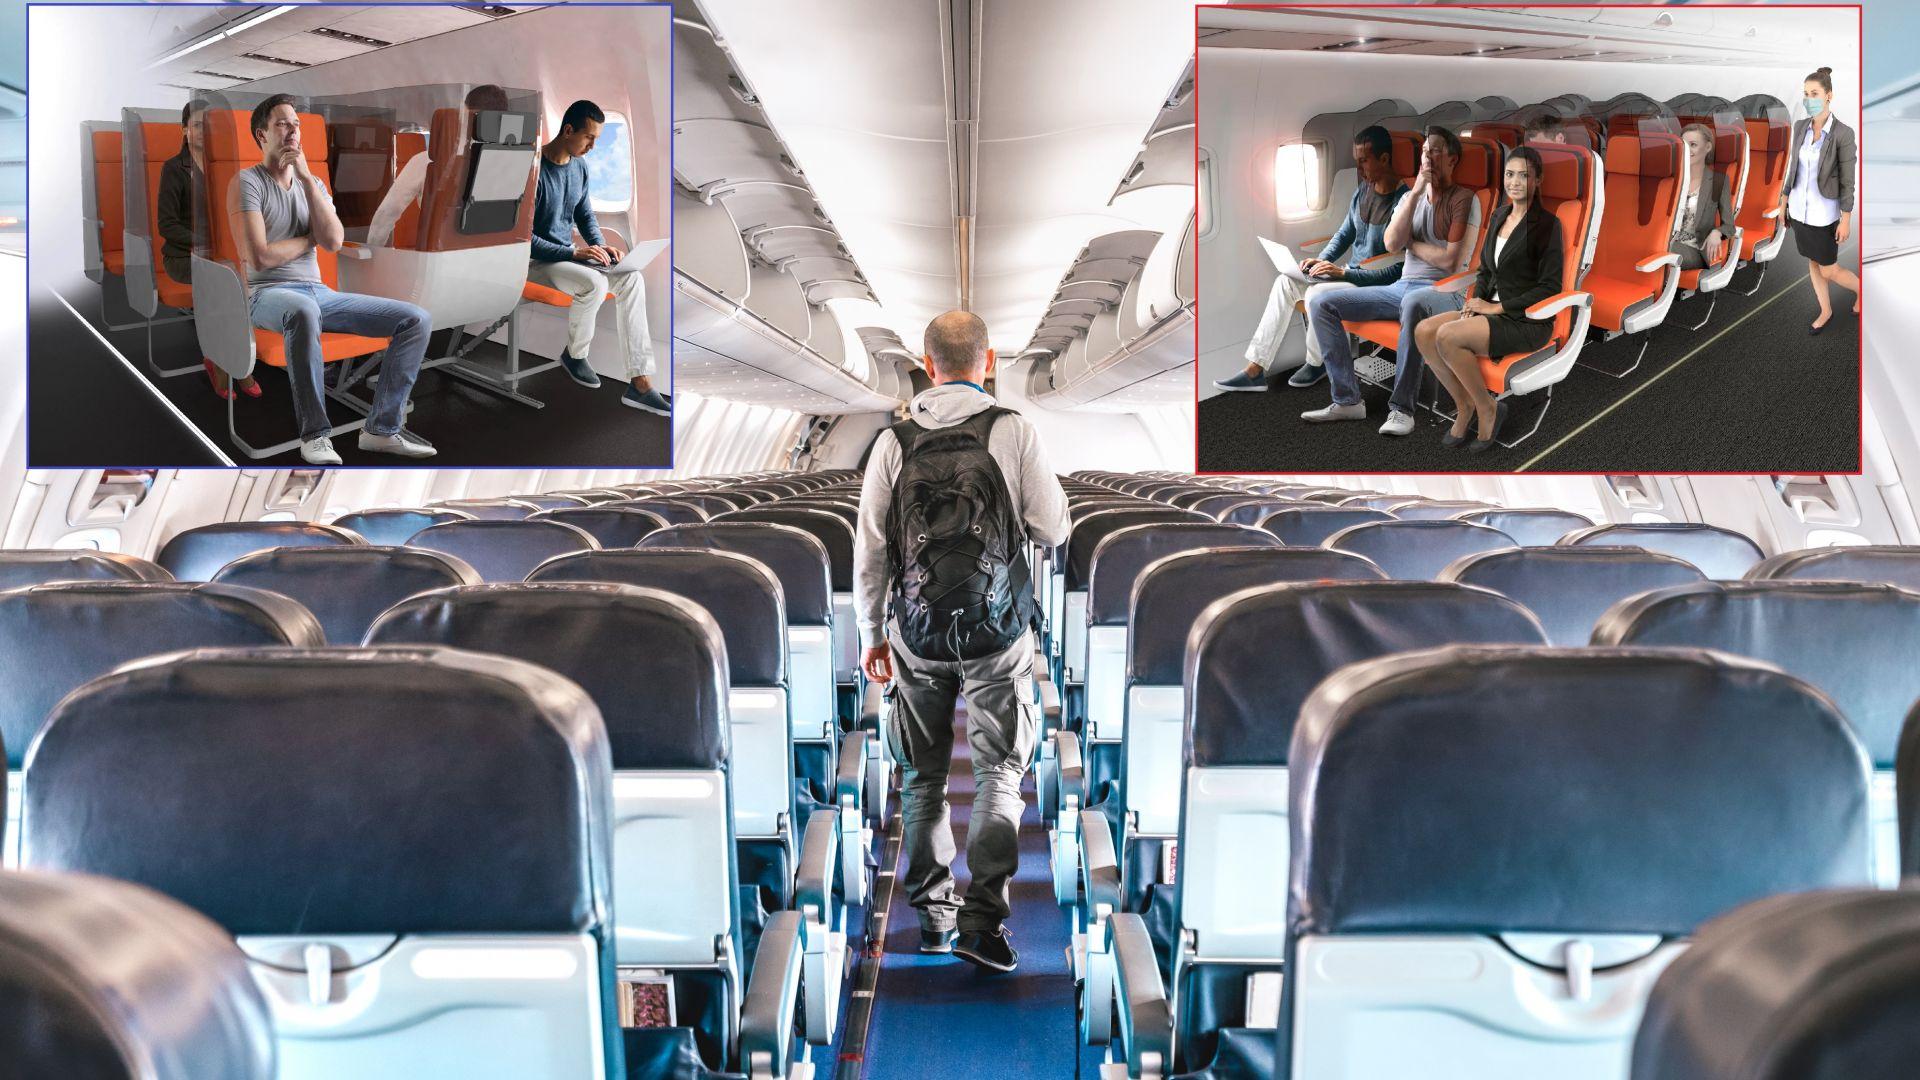 Пътническите самолети вече няма да са същите: Как ще изглеждат след пандемията